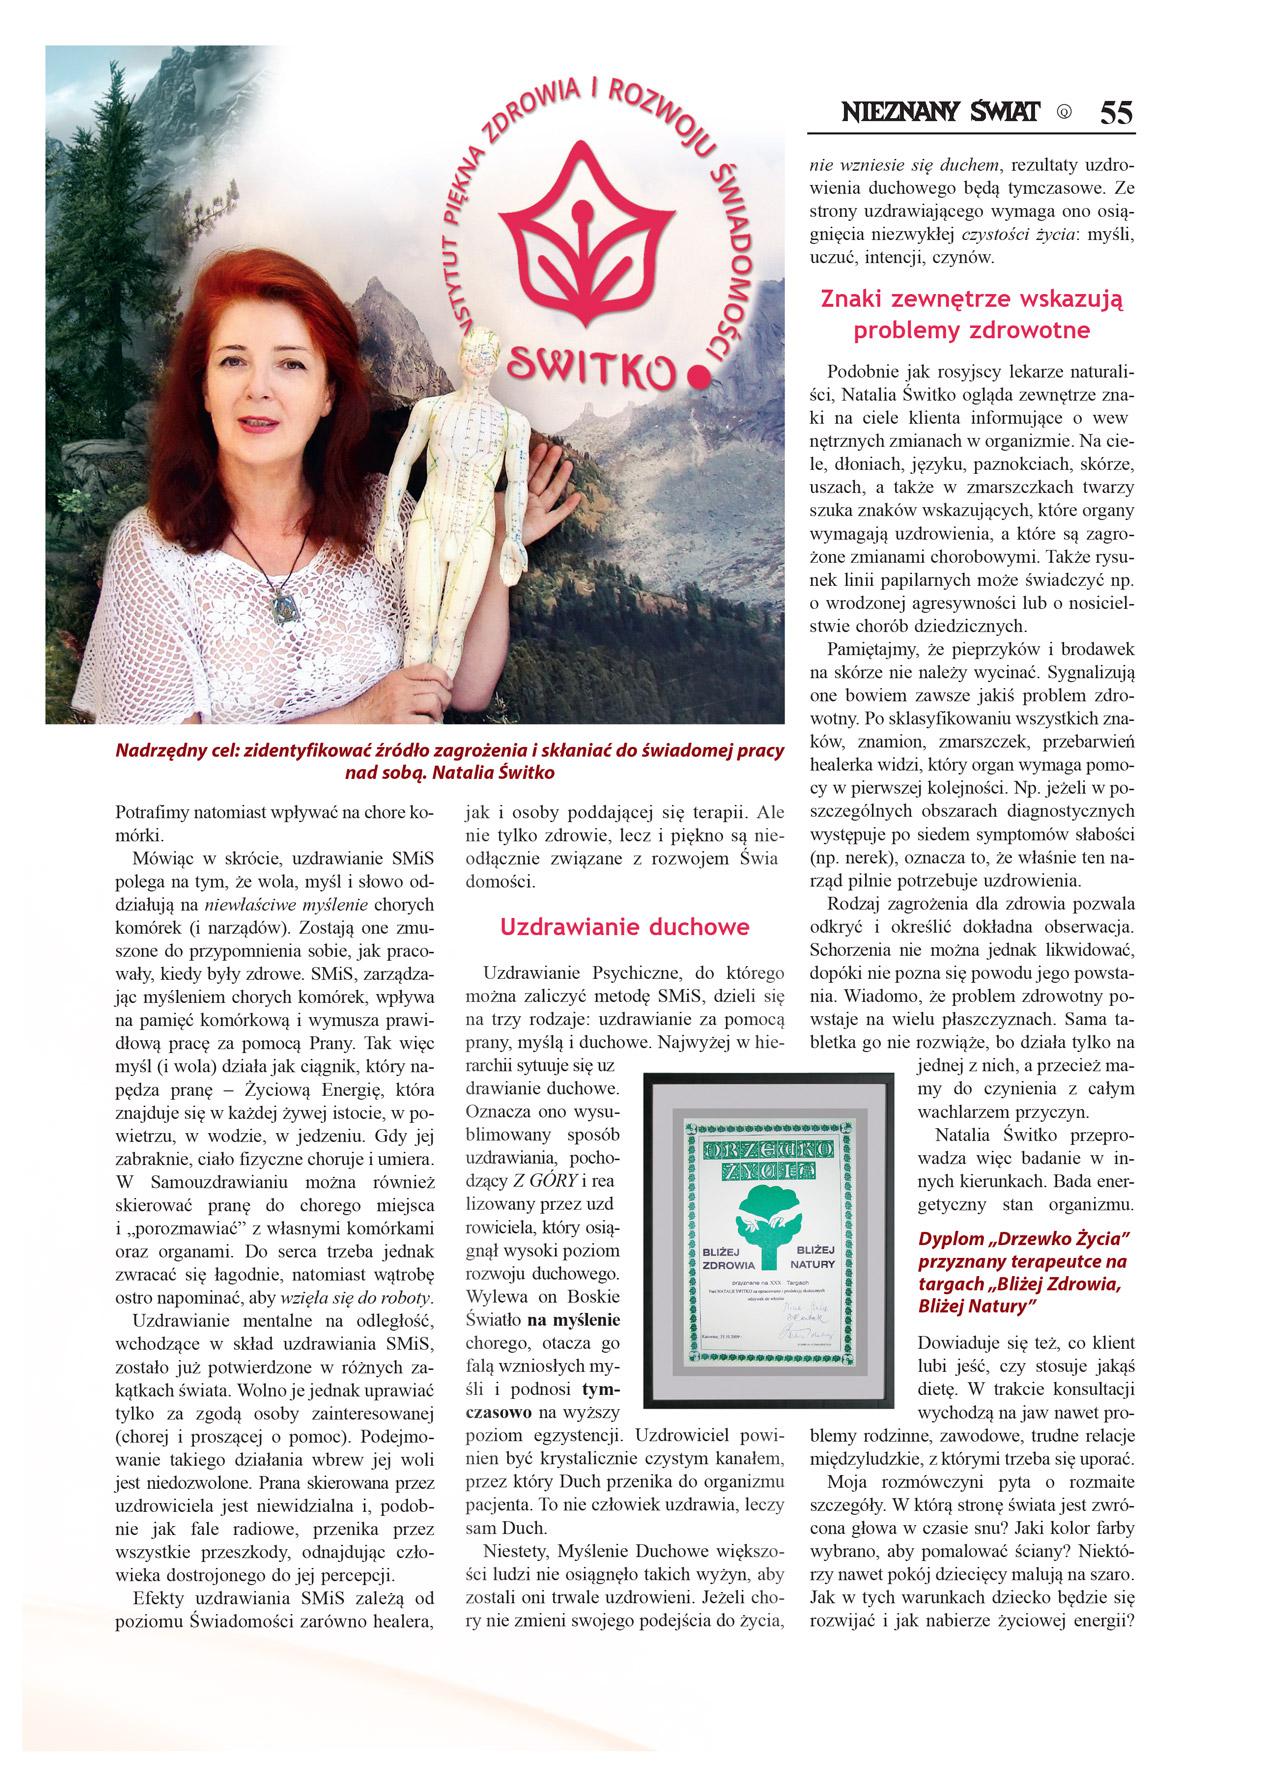 Artykuł Nieznany Świat 2016/02 - Natalia Switko. Strona 2.